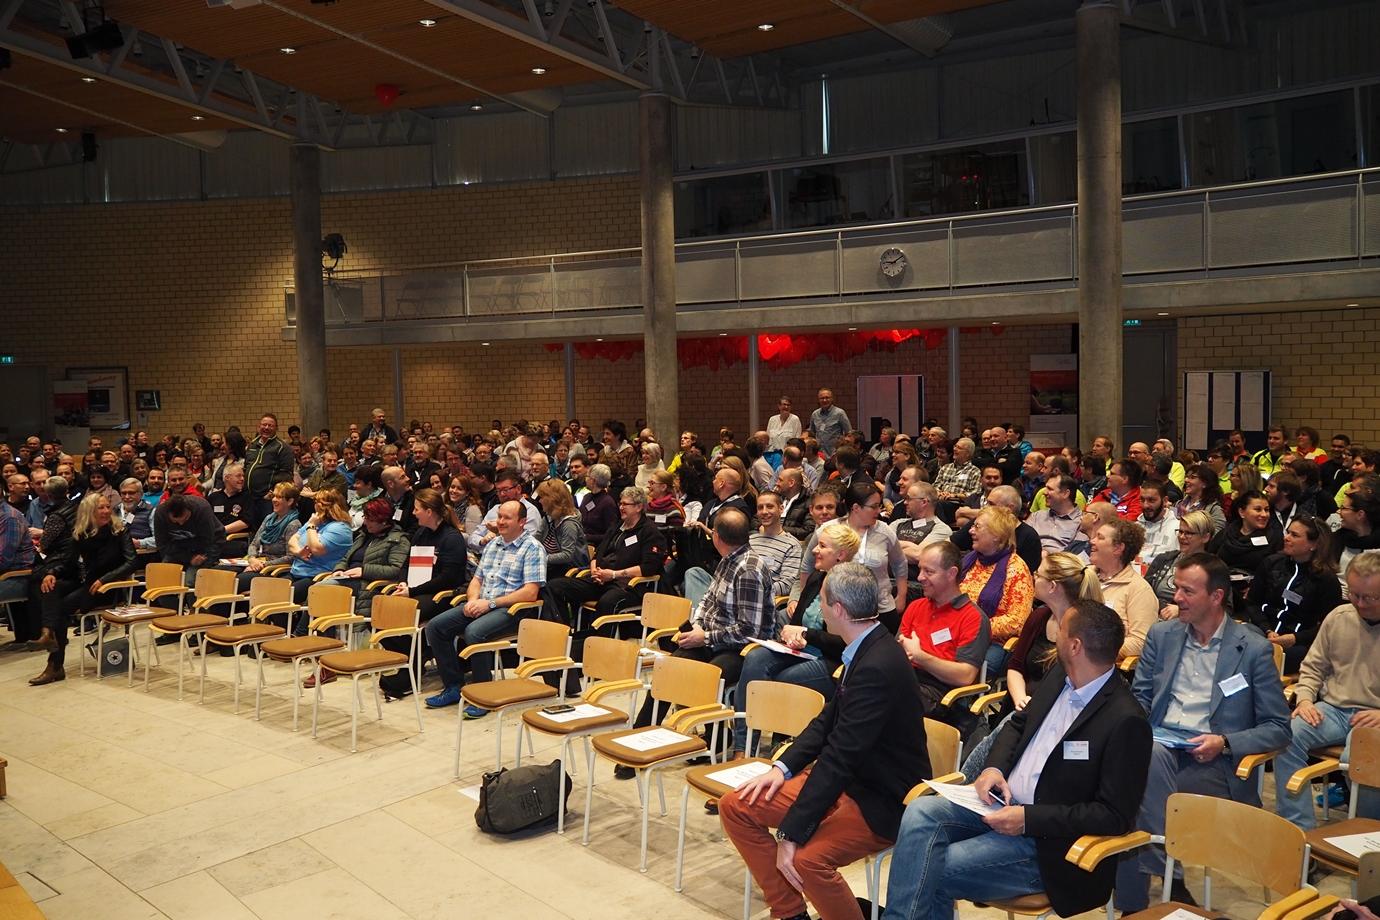 SIRMED Plenum First Responder Symposium